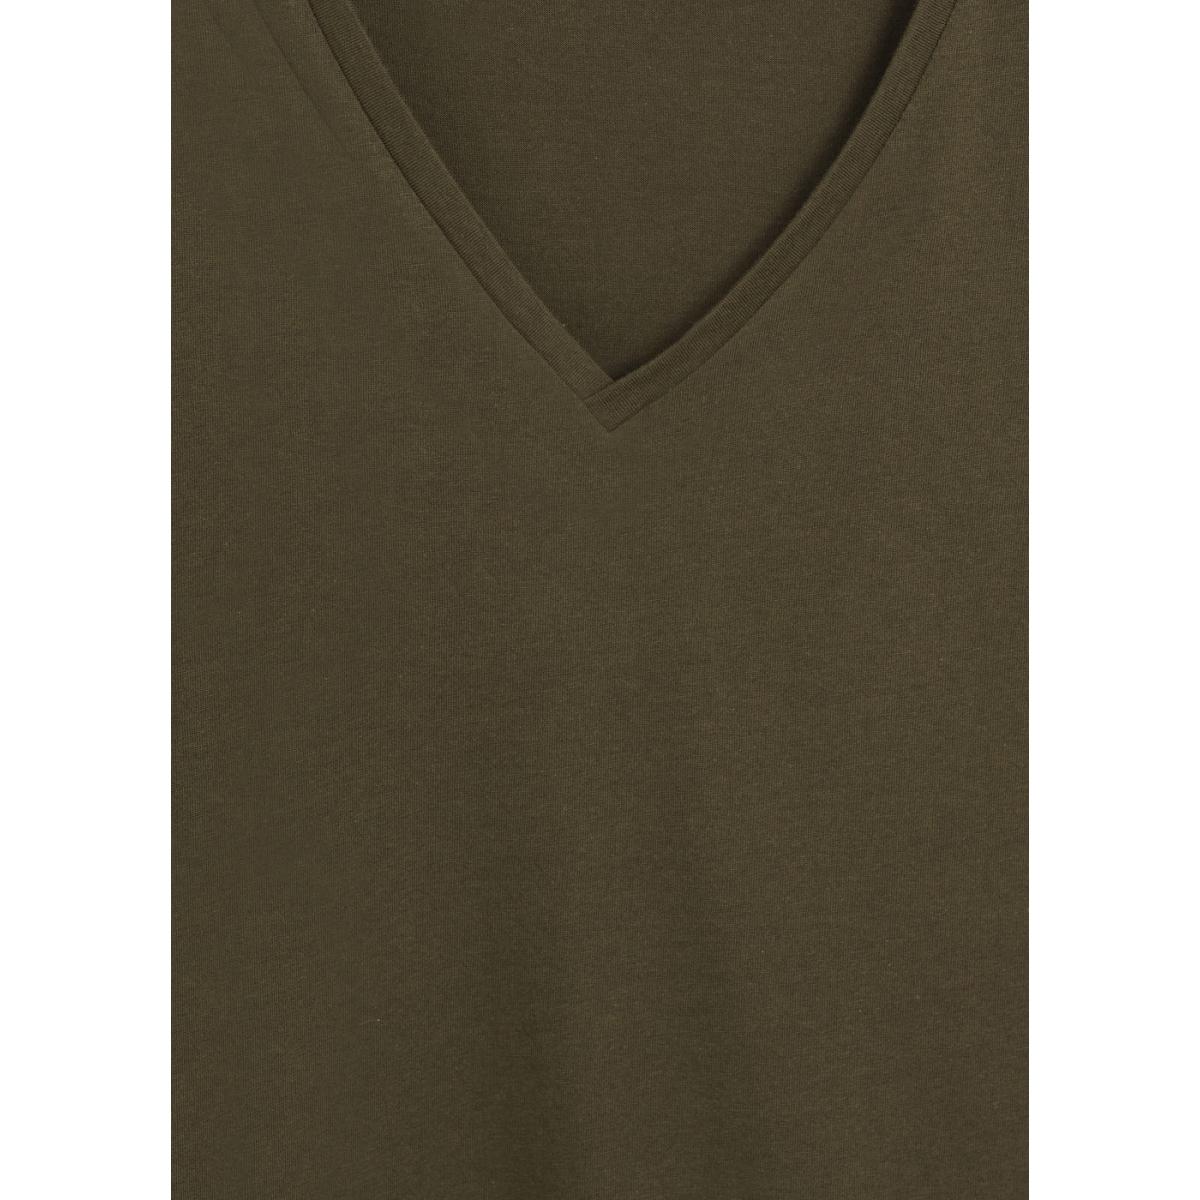 katoenen t shirt met v hals 67084384 mango t-shirt 37